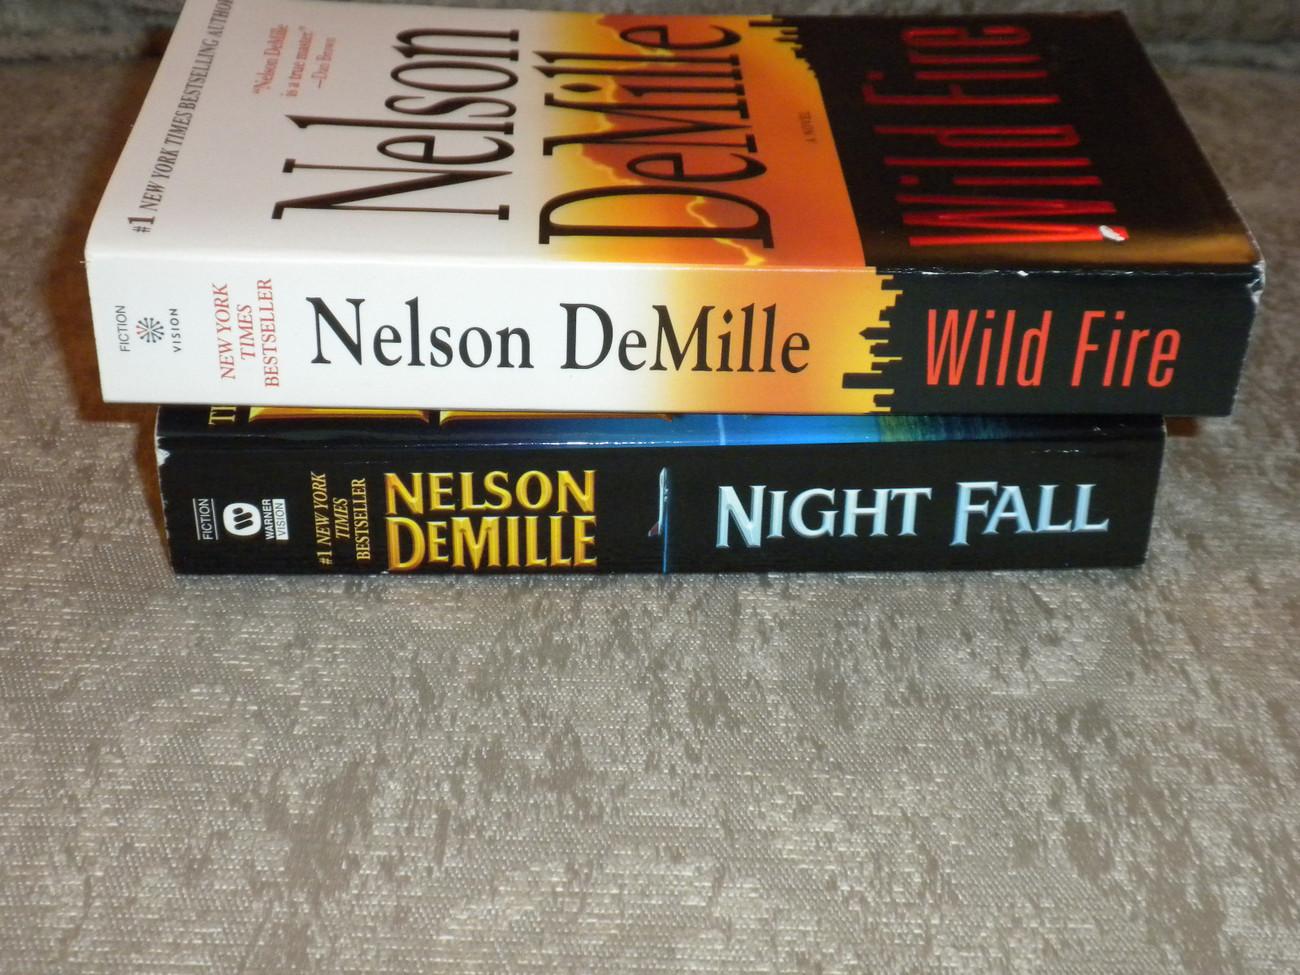 Lot of 2 Nelson DeMille p'backs:Wildfire 1st 2006  VG++ & Nightfall 1st 2005 VG